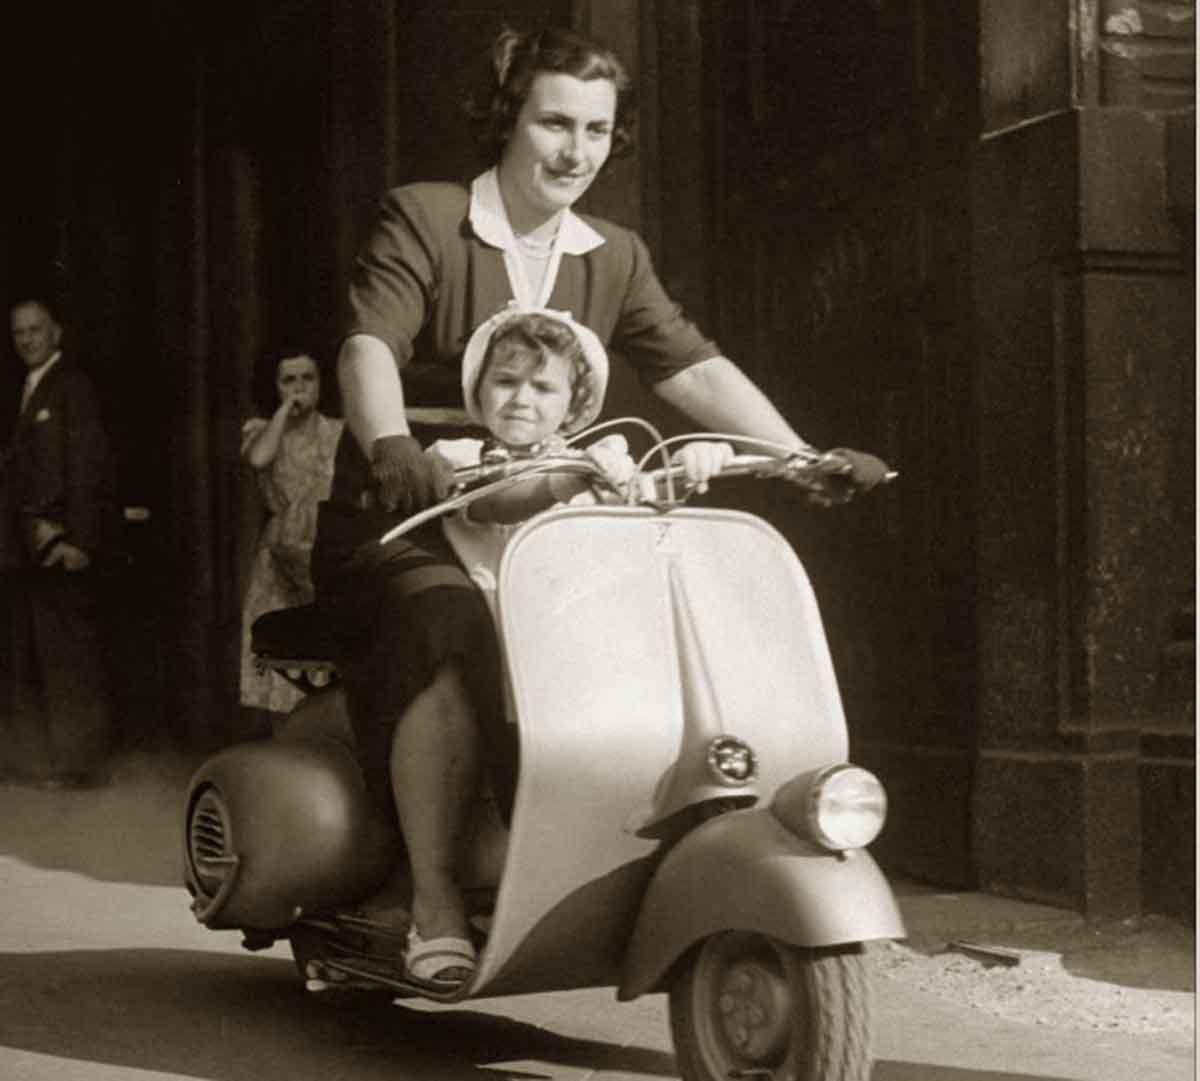 The-Vespa---Milan-Italy-1948